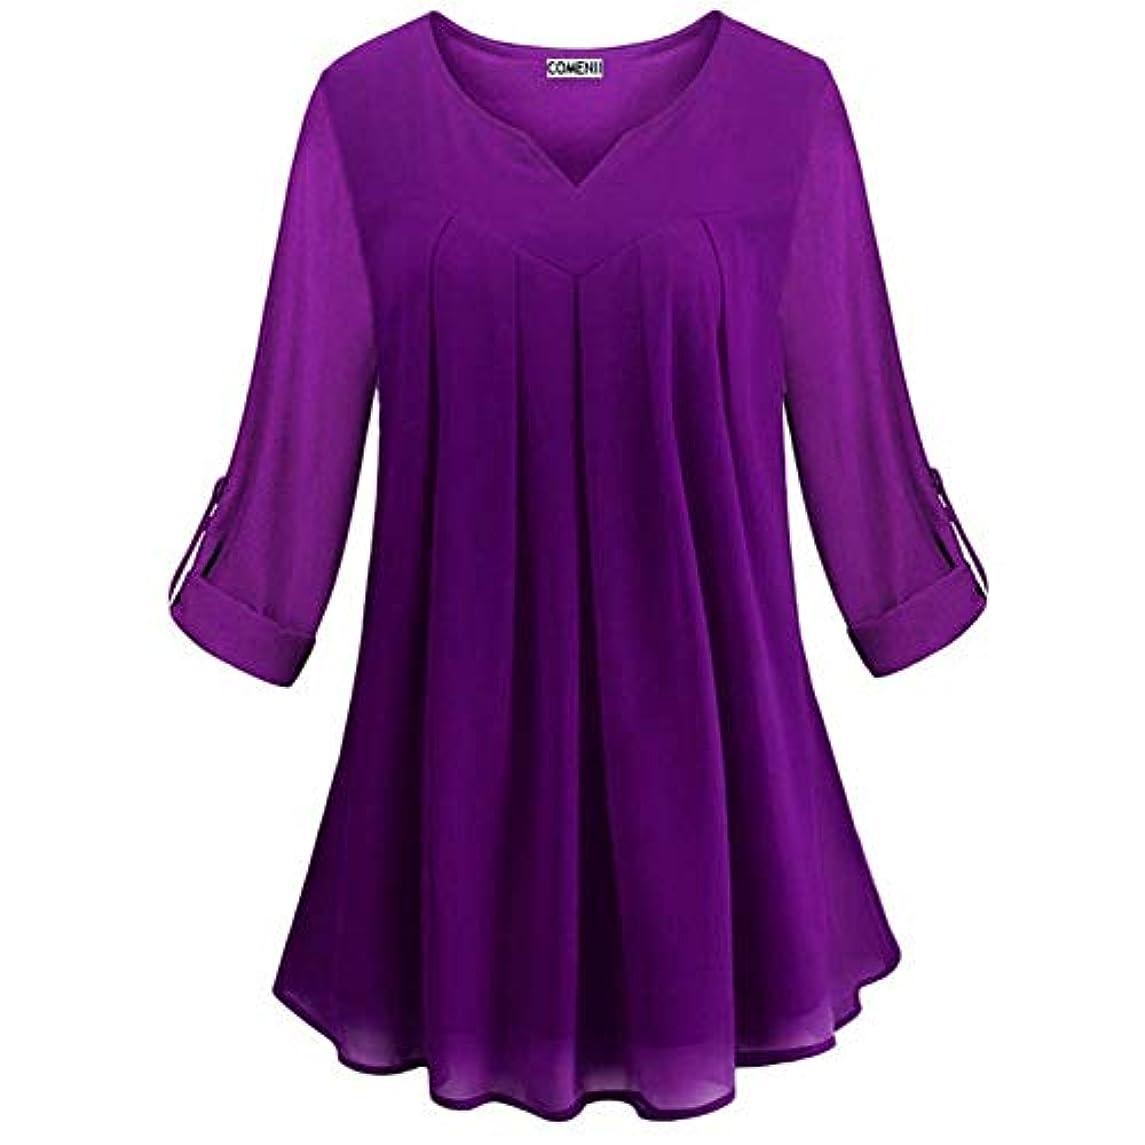 生じるパンツ品MIFAN の女性のドレスカジュアルな不規則なドレスルースサマービーチTシャツドレス